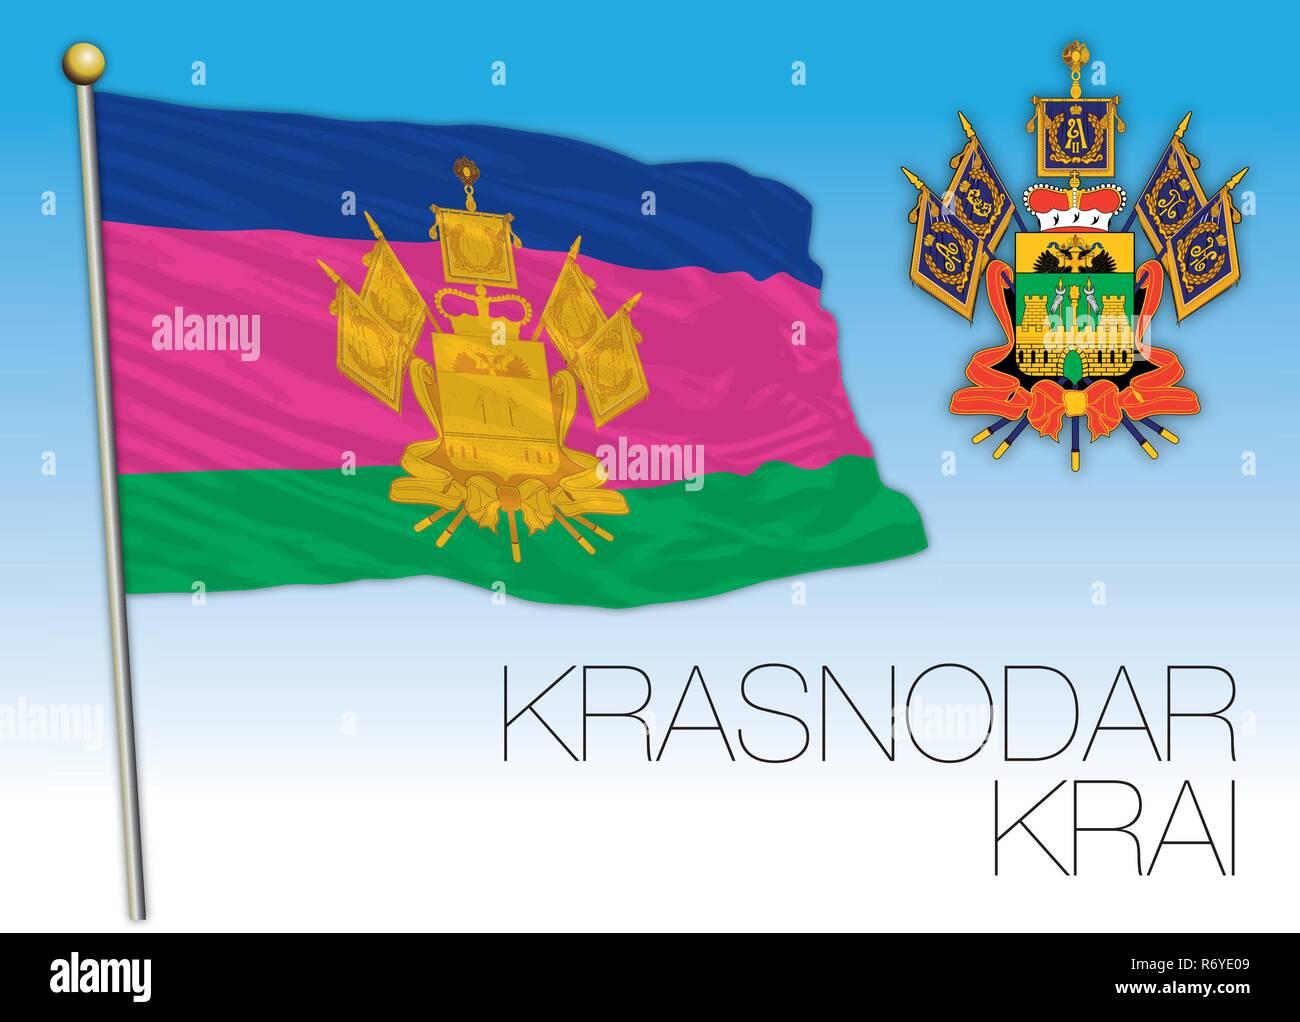 Krasnodar Krai flag, Russian Federation, vector illustration - Stock Image